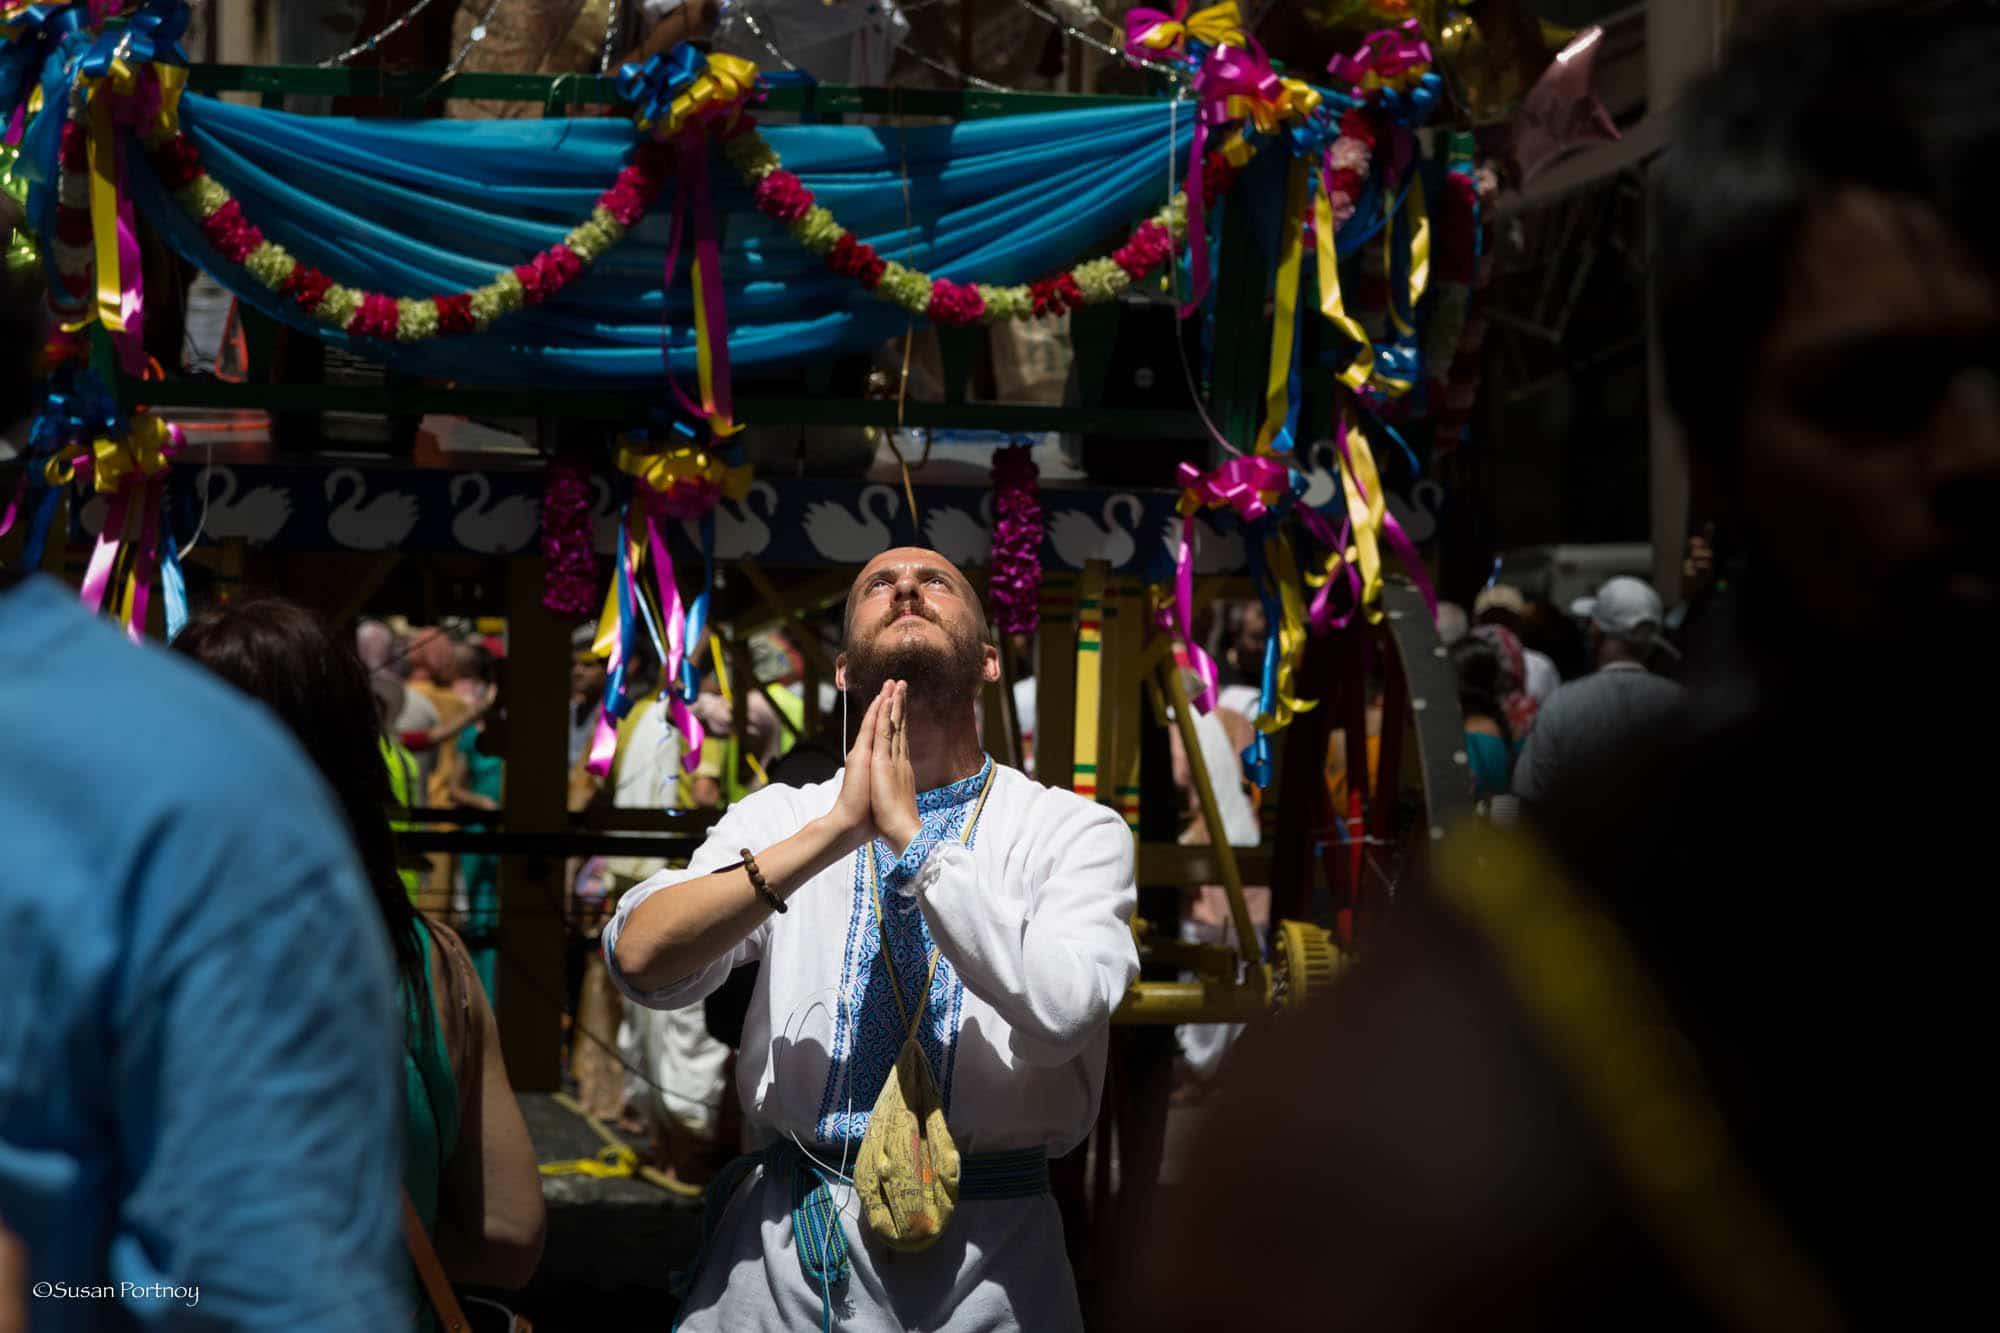 Hare Krishna Parade 2015, New York City